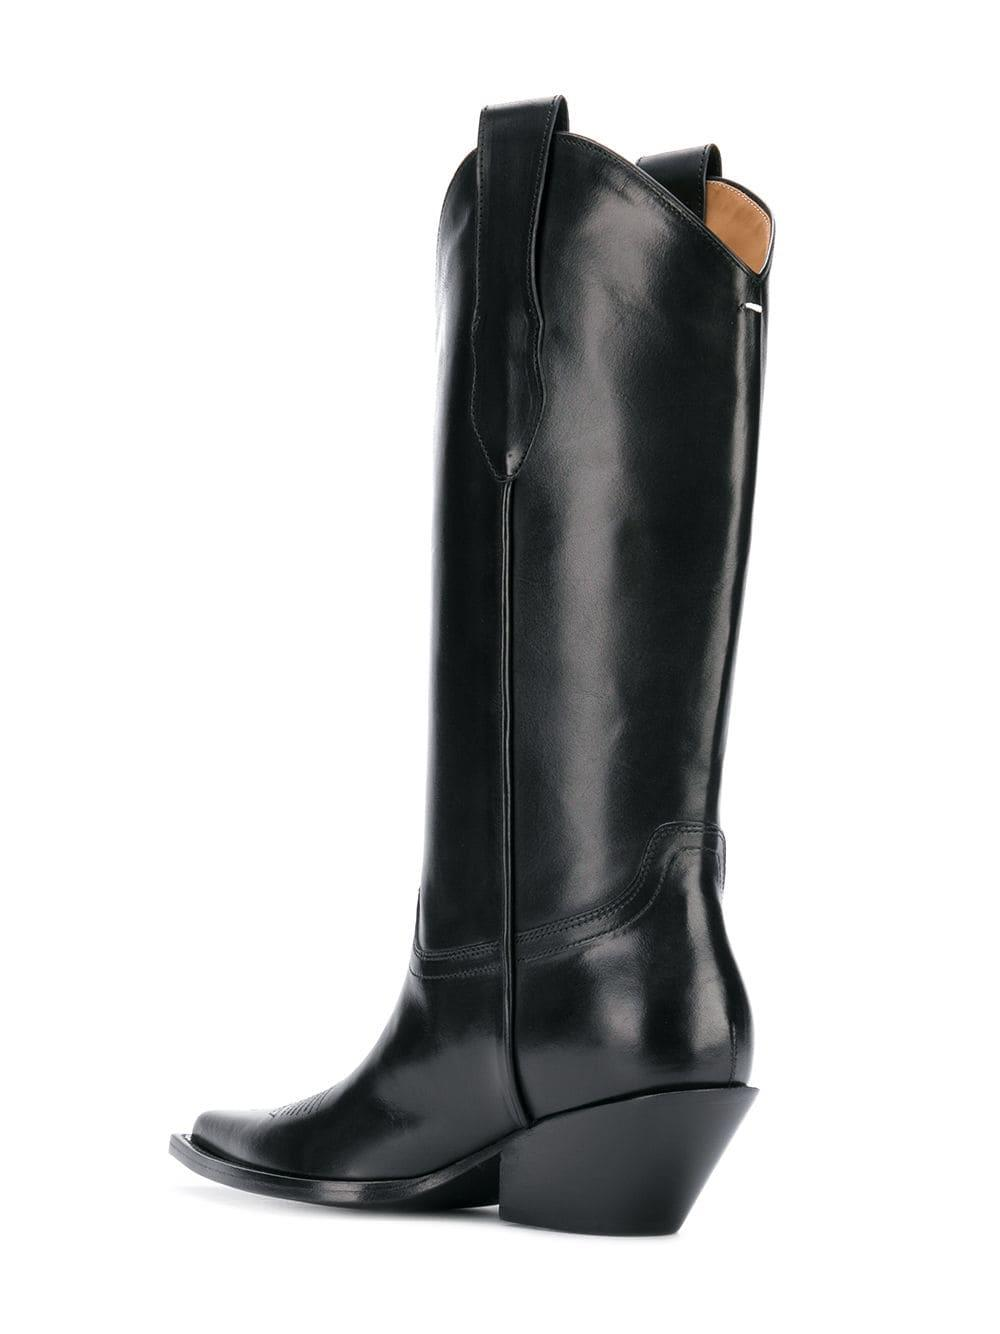 d16ff18a191 Maison Margiela Black Pointed Toe Cowboy Boots